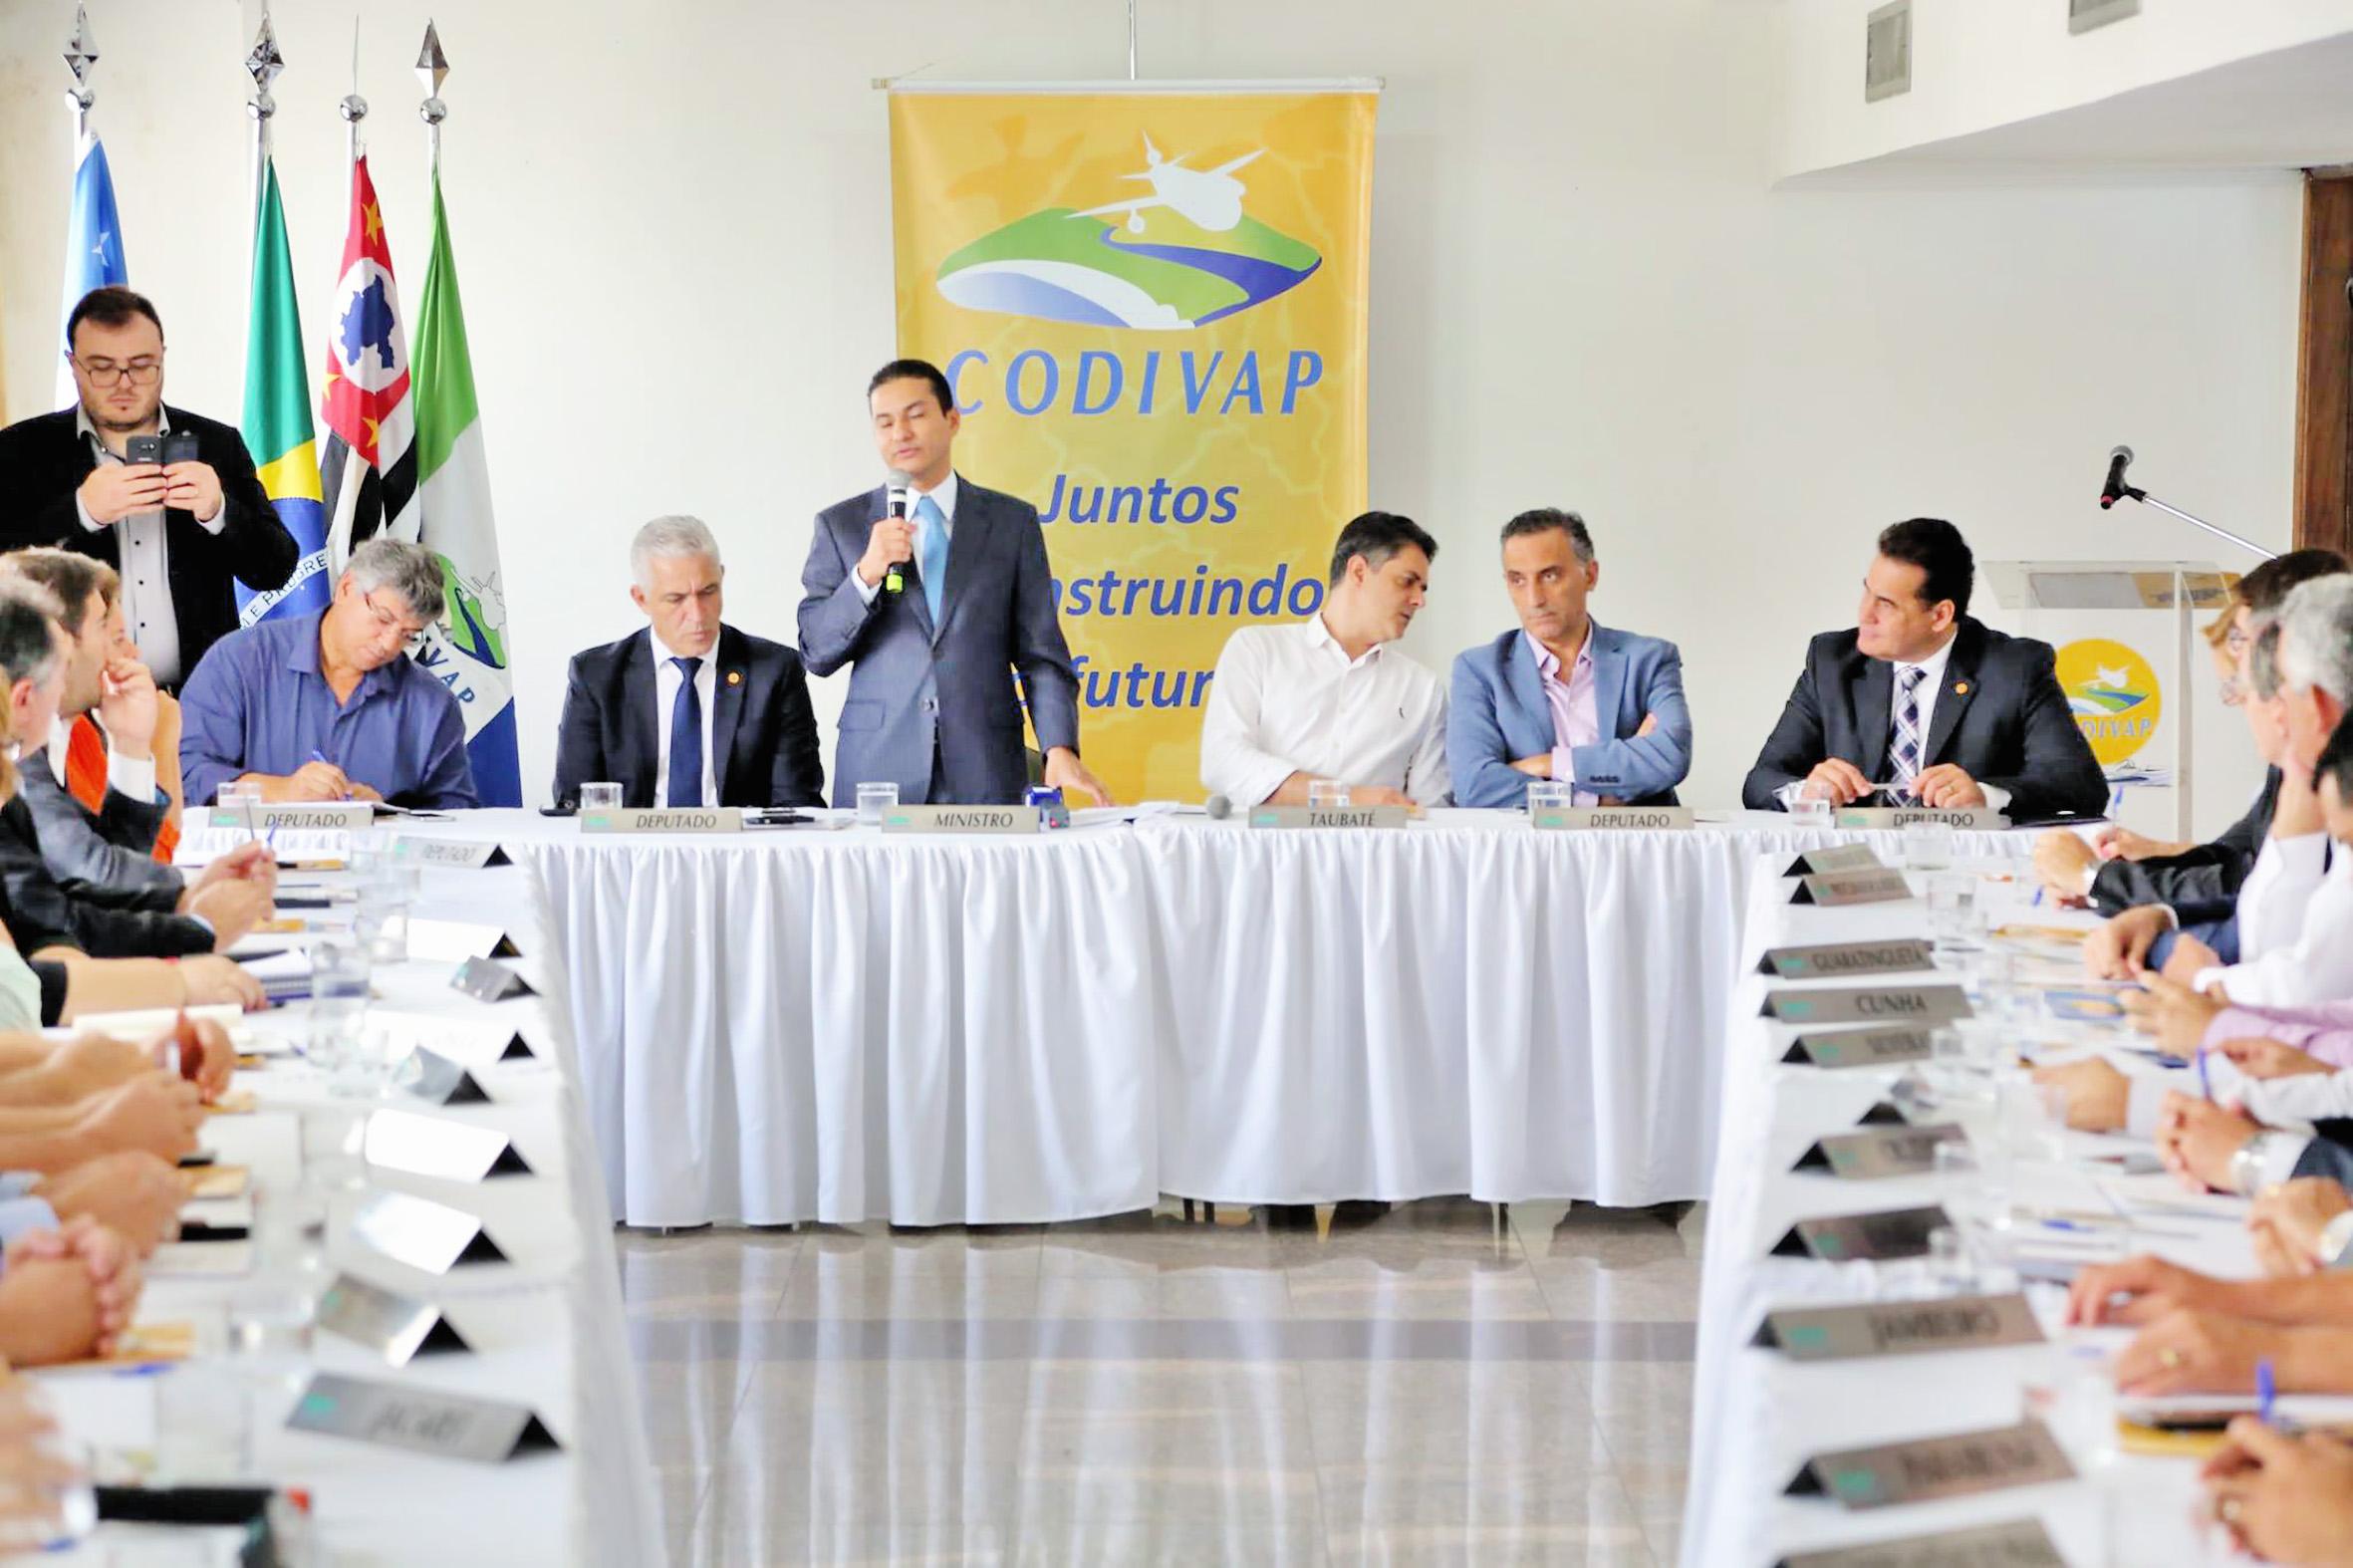 Diretoria do Codivap, eleita na última semana; órgão discute ações políticas para auxiliar melhorias para municípios do Vale do Paraíba (Foto: Reprodução)